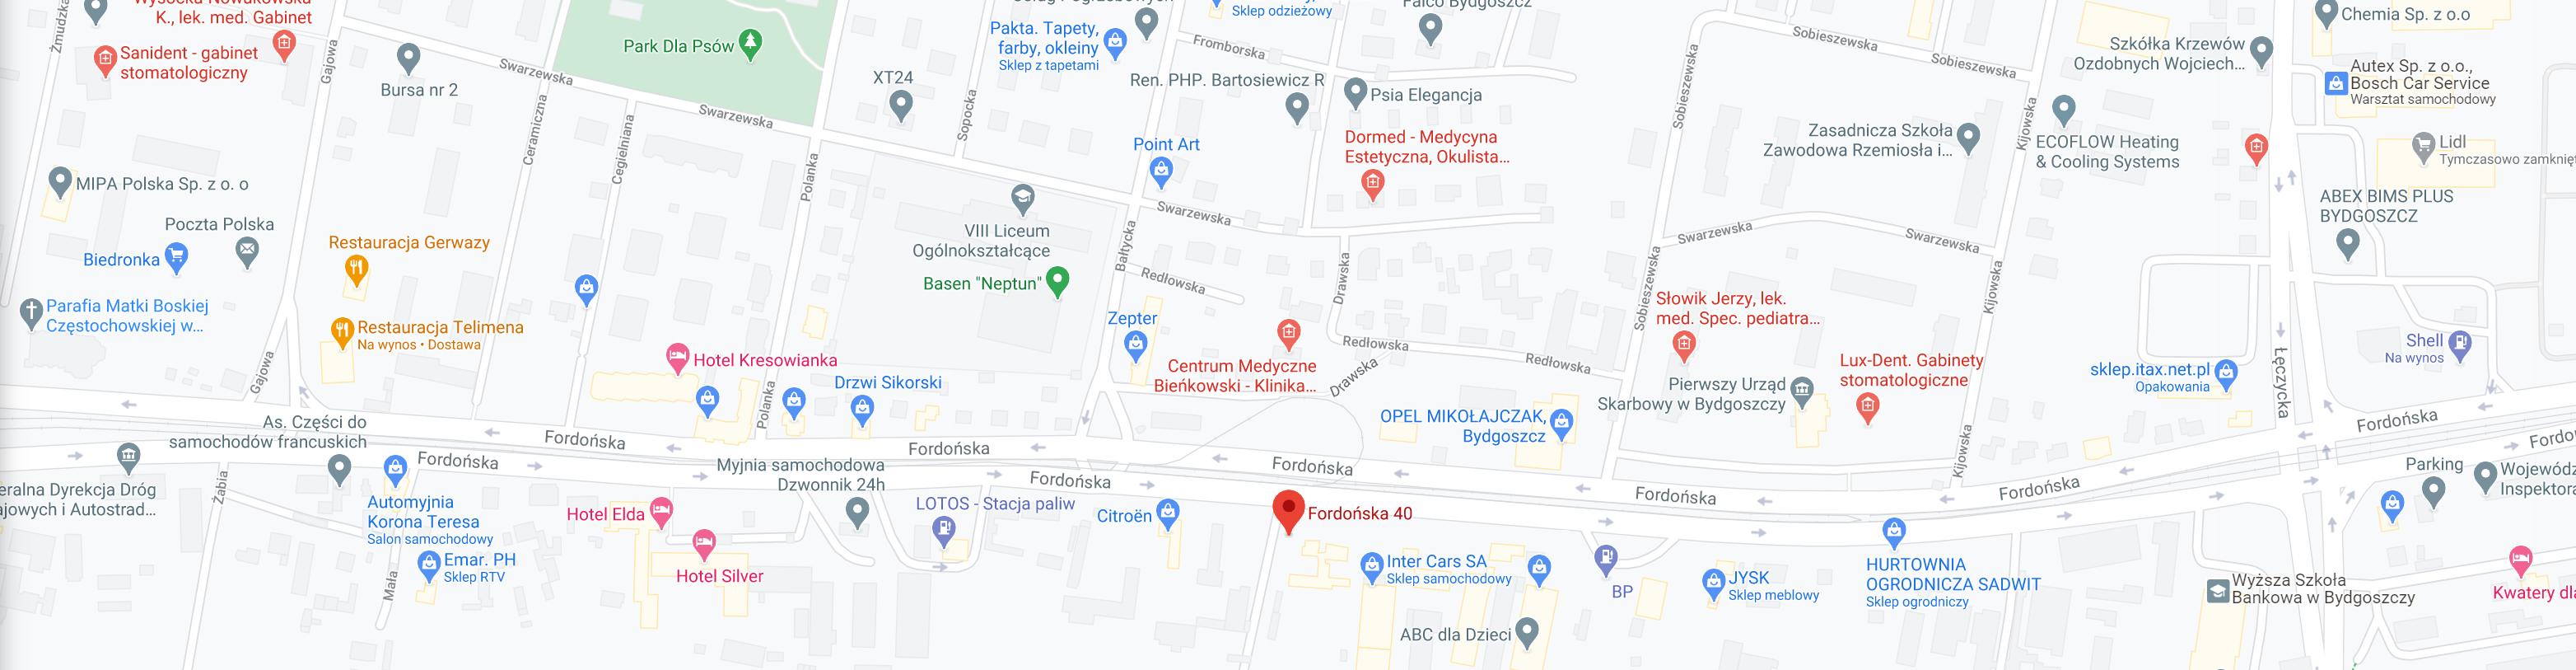 siedziba greatcall w Bydgoszczy